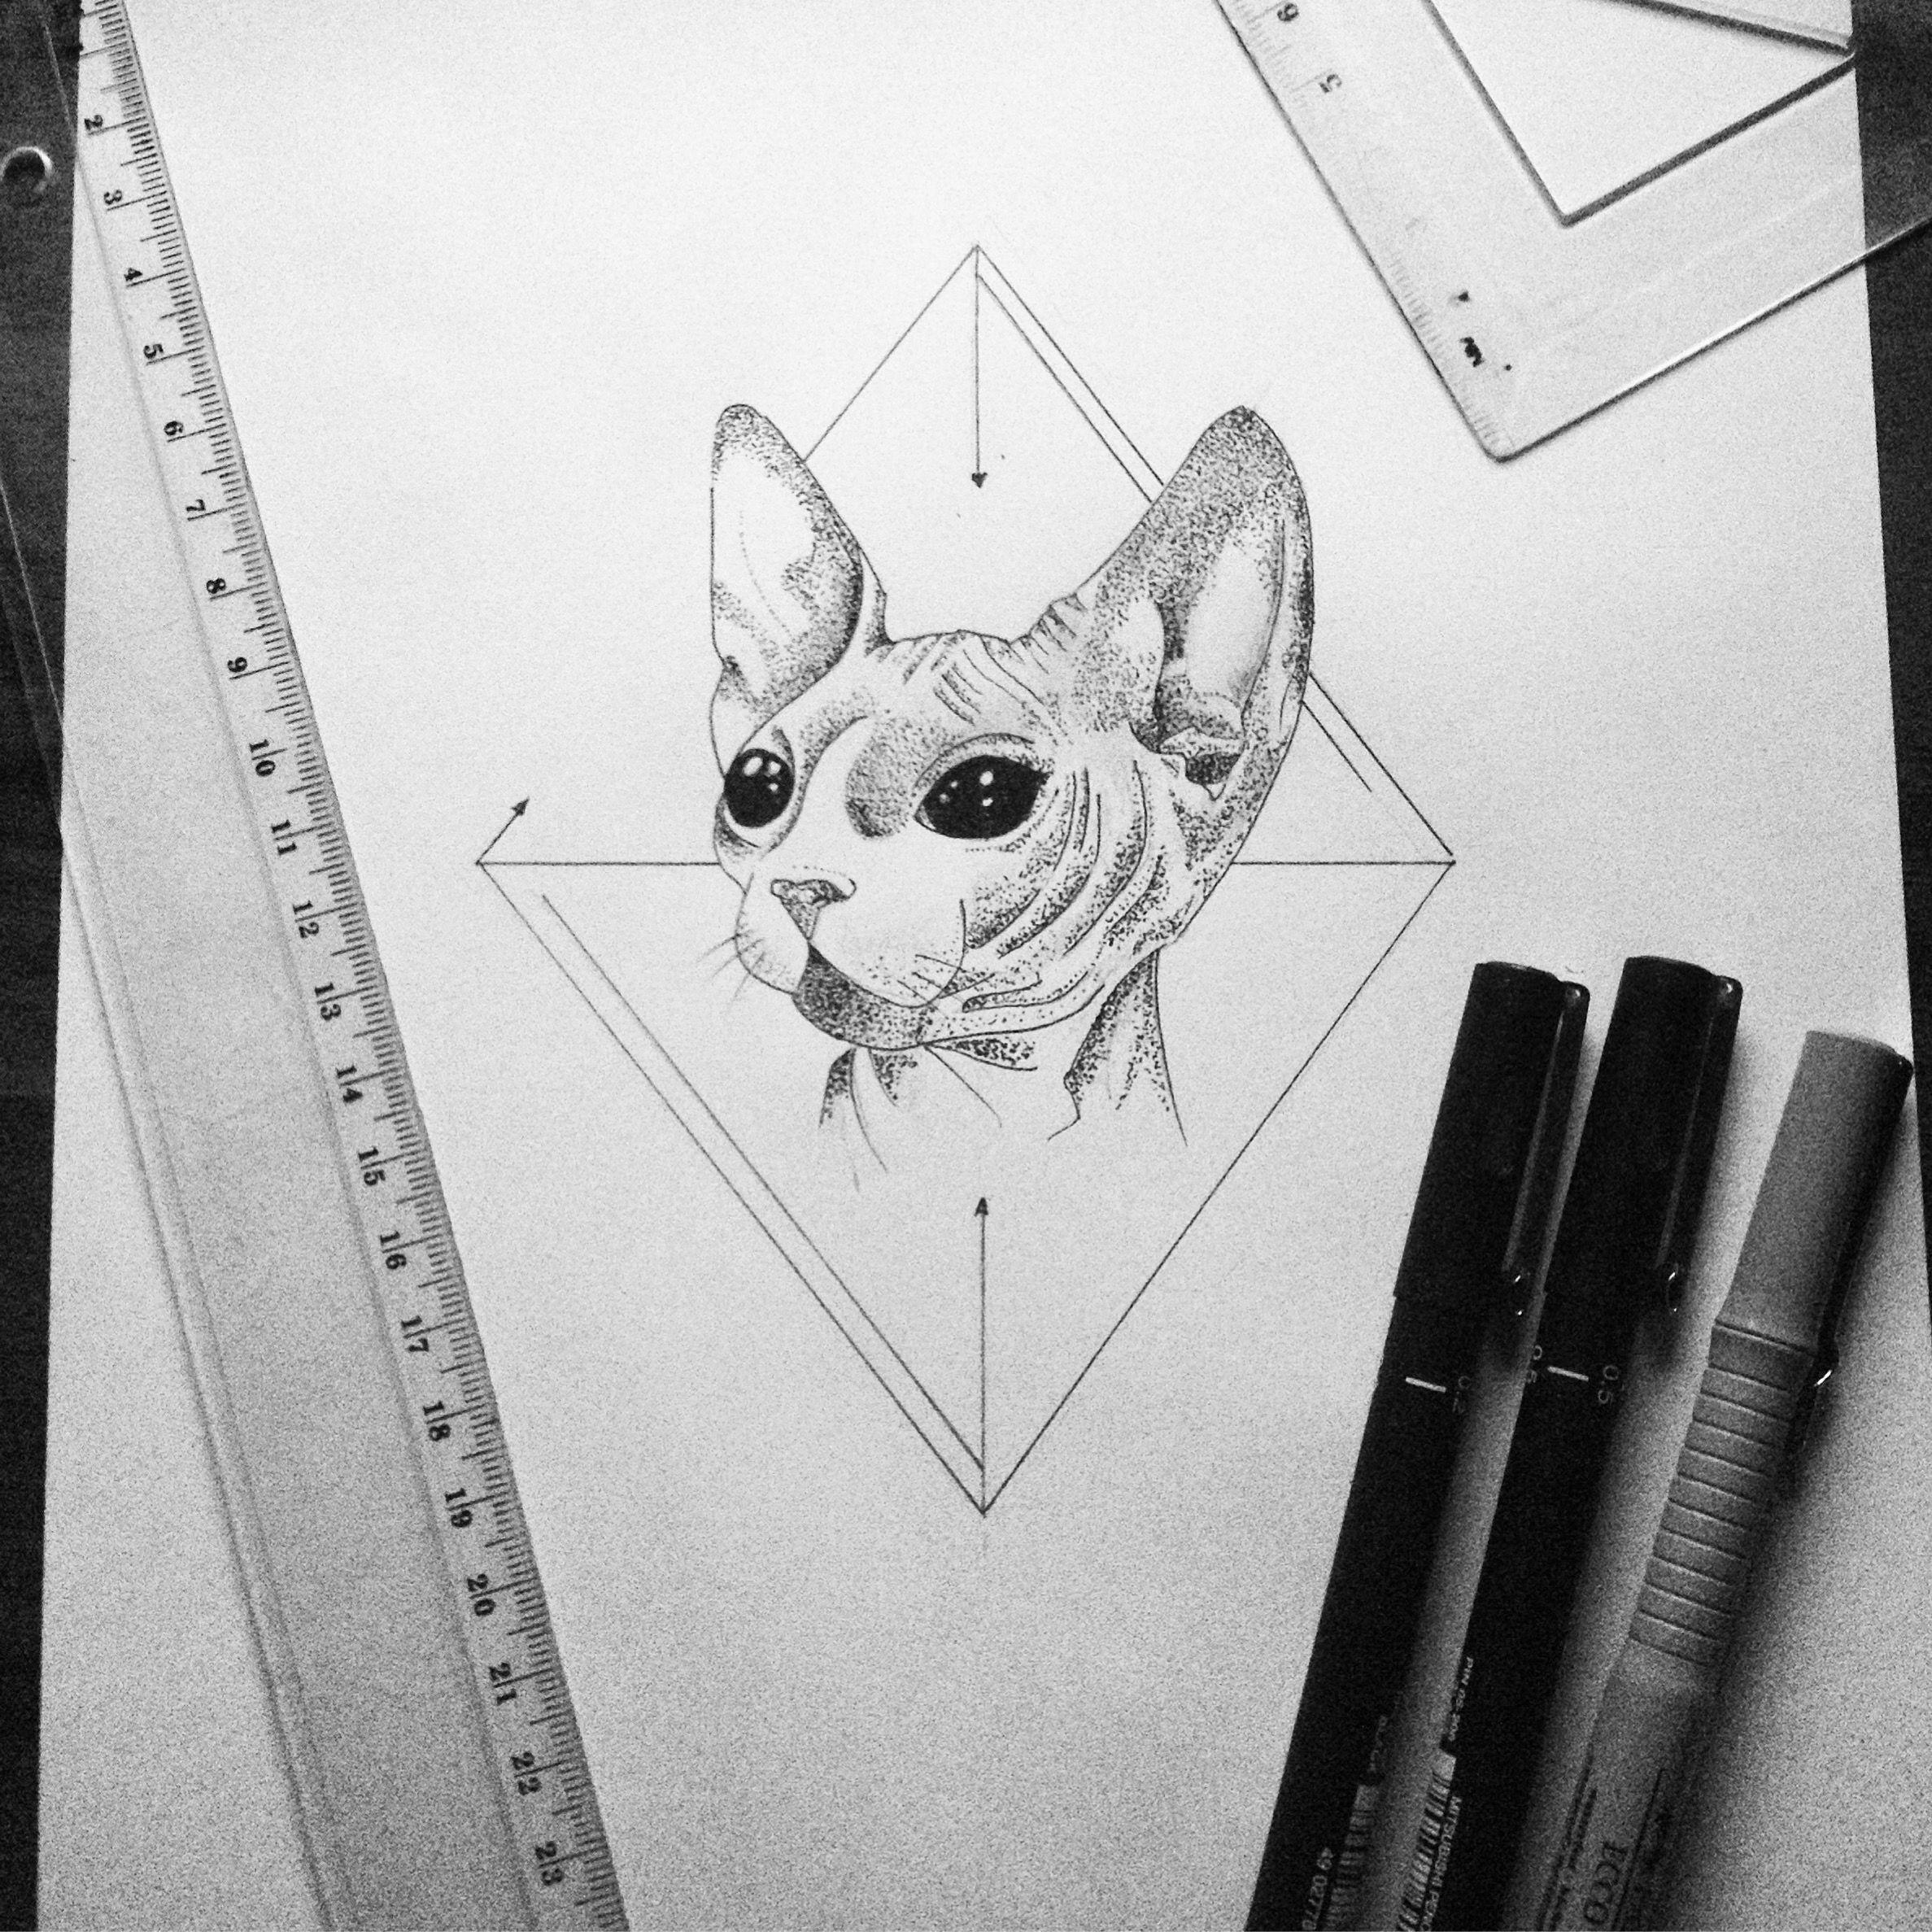 Alien cat #art #illustration #geometric #cat #ink #tattoo | My art ...